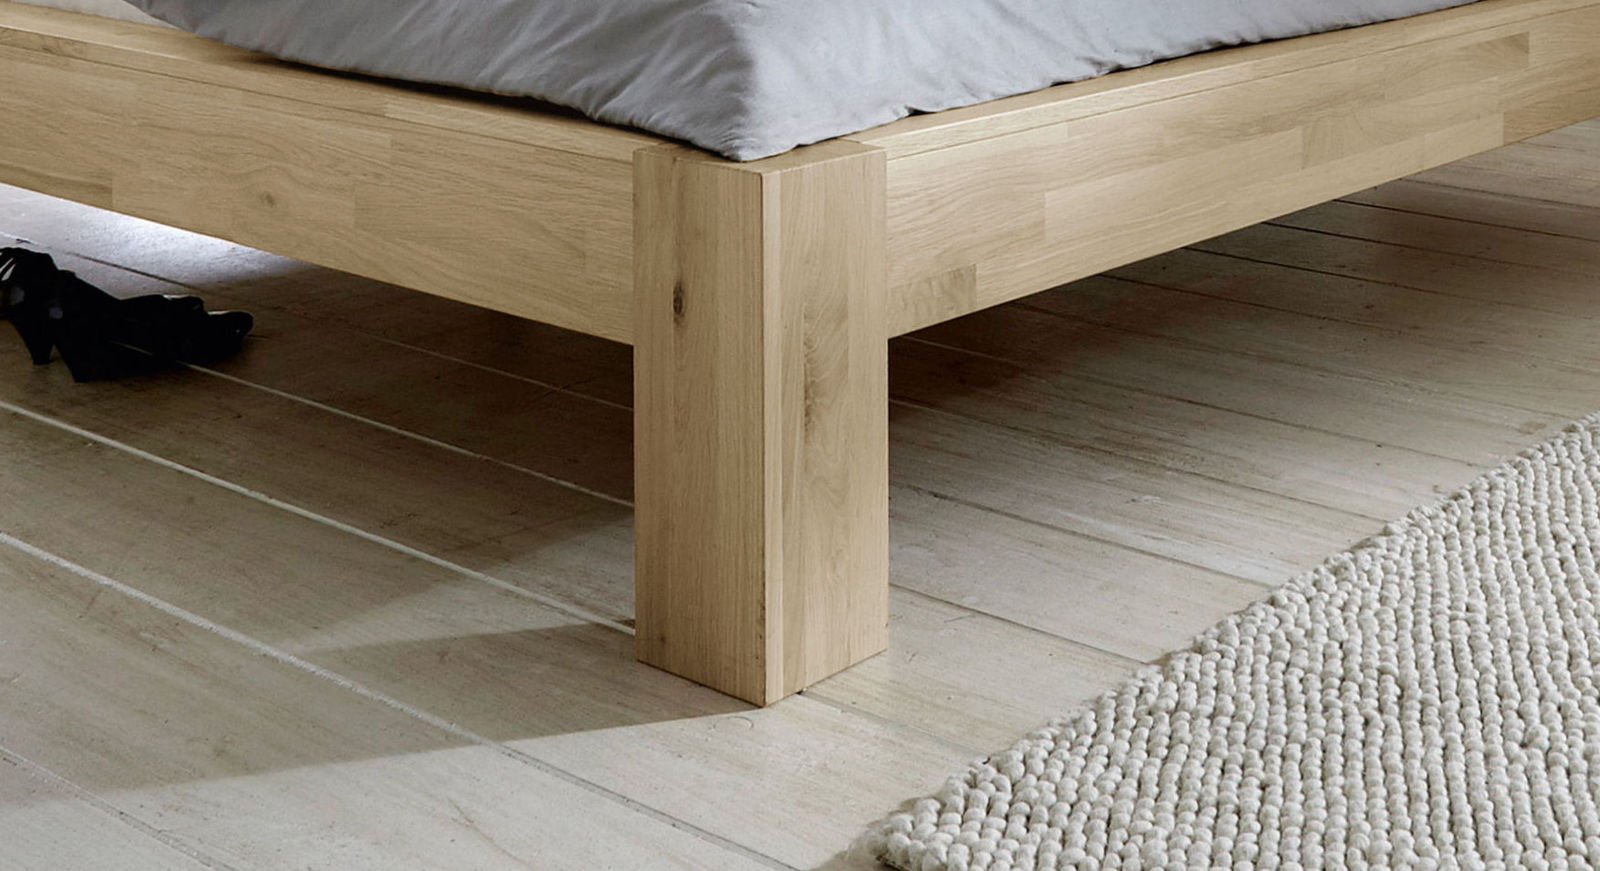 Bett Nino mit massiven Holzfüßen